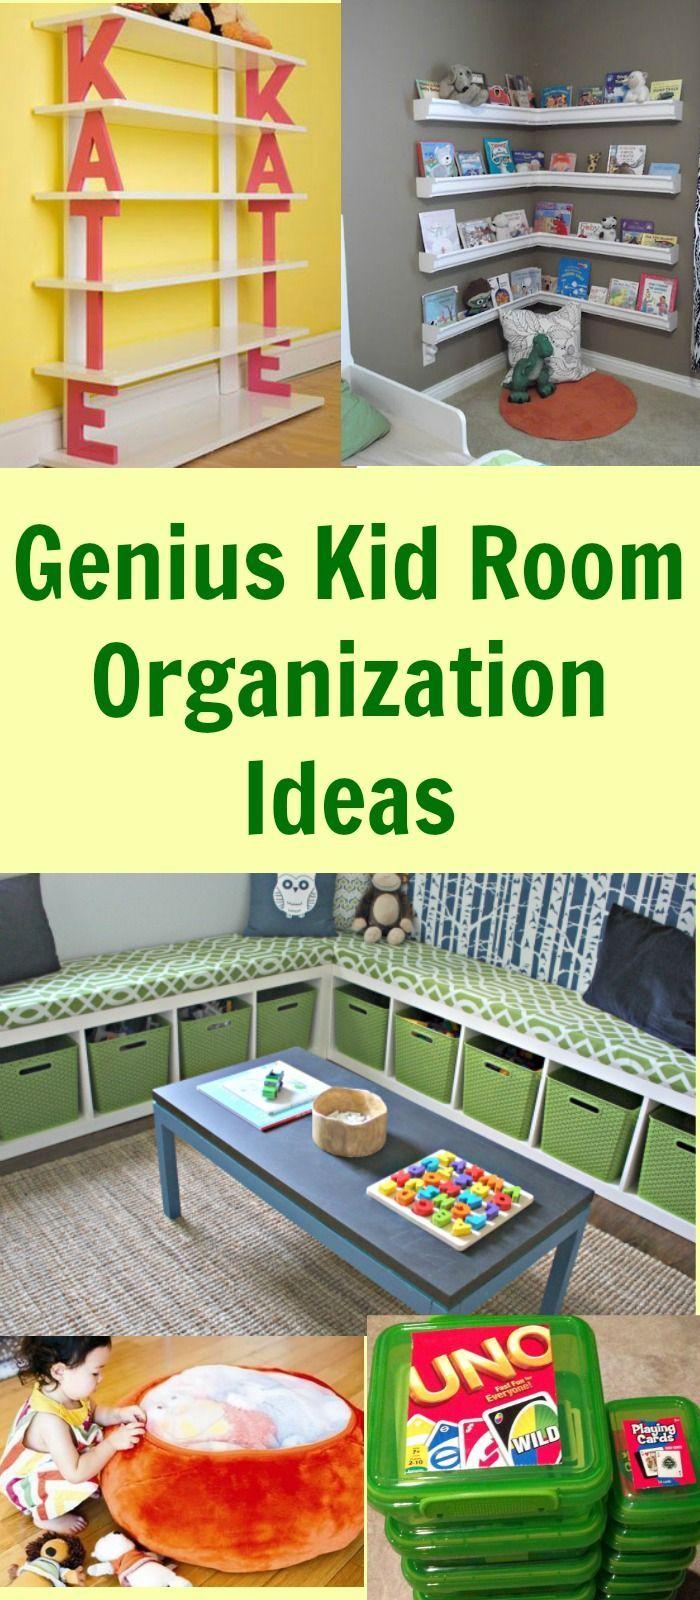 Genius Kid Room Organization Ideas Kids Room Organization Organization Kids Kids Room